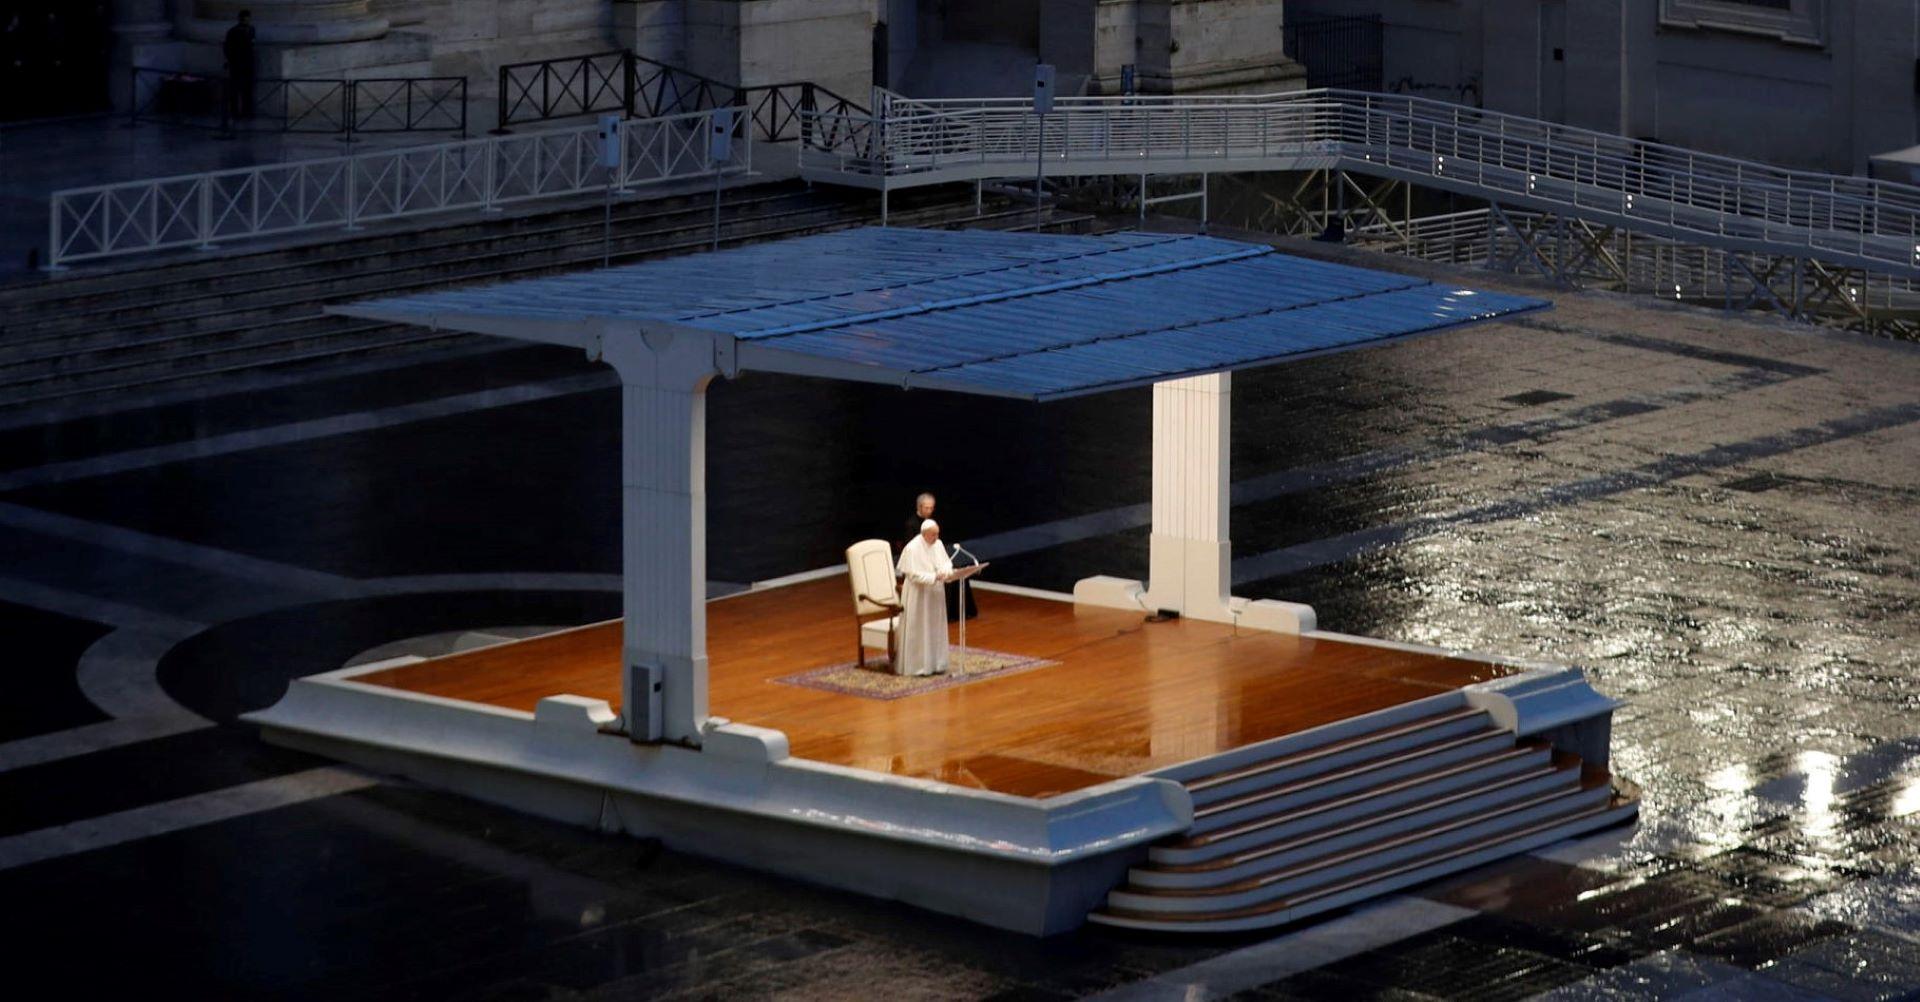 """Papa sa praznog trga uputio poruku: """"Teška tama nadvila se nad naše trgove, ulice i gradove, svi smo u istom čamcu, veslajmo zajedno"""""""